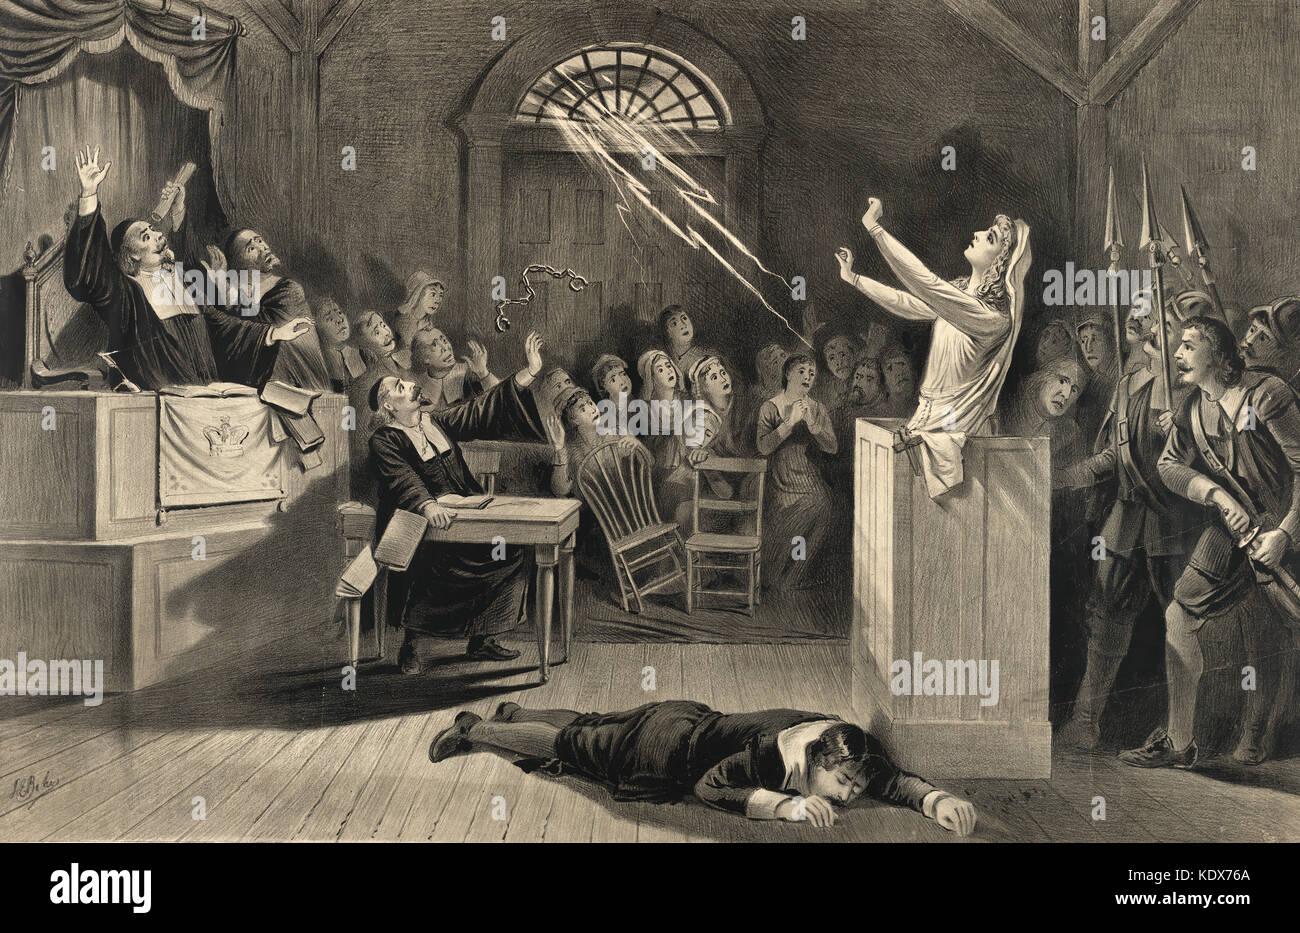 Salem processo alle streghe, 1692 - 1693 Immagini Stock